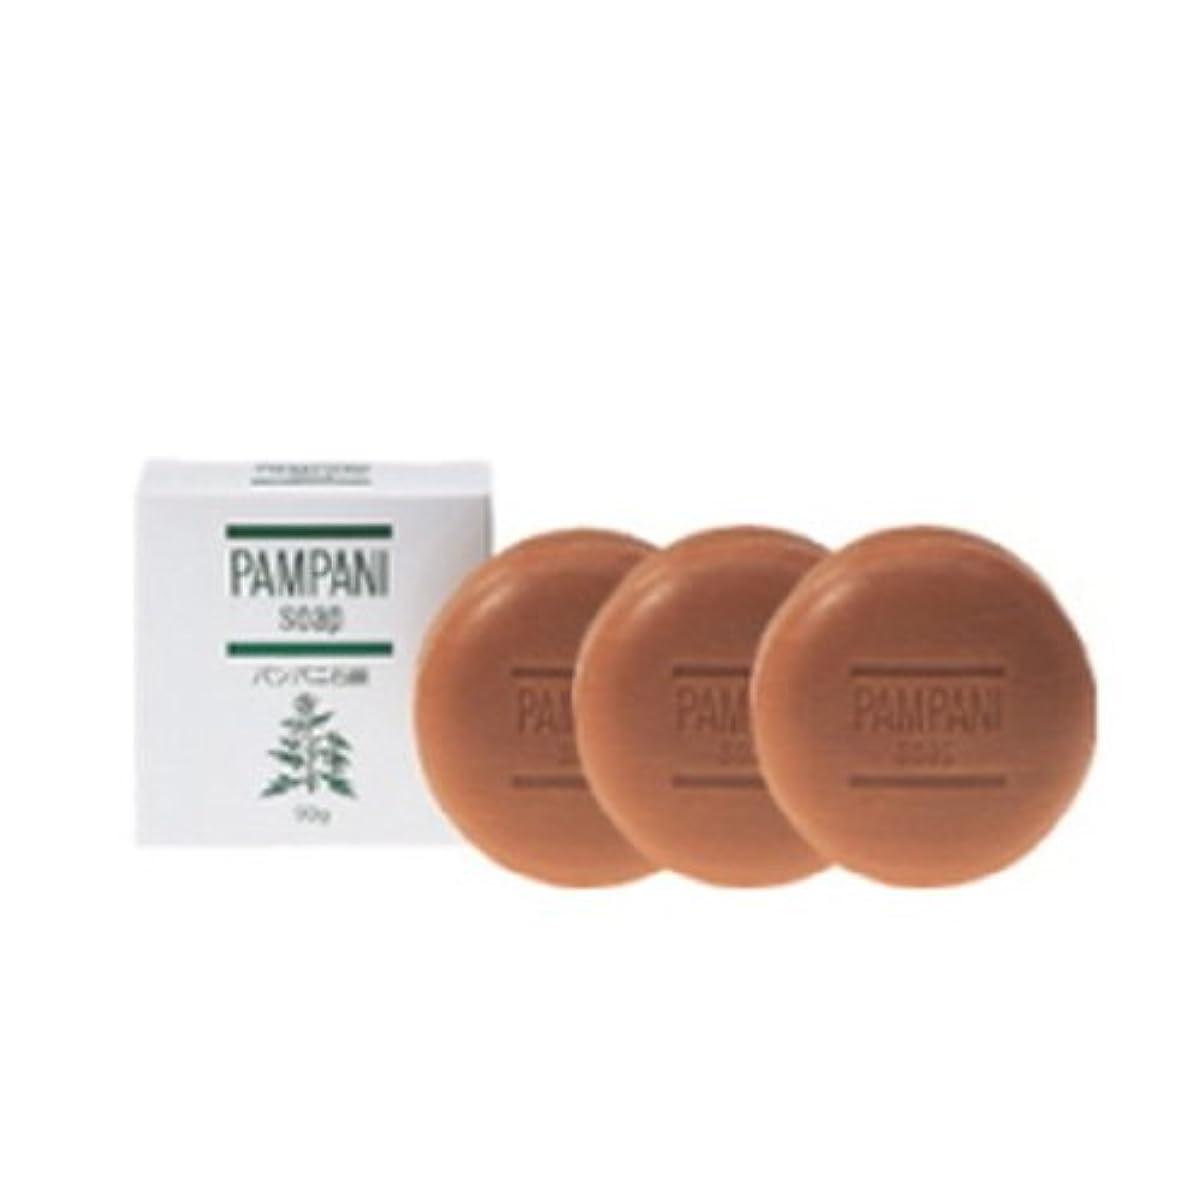 慰め上記の頭と肩虫を数えるパンパニ(PAMPANI) せっけん 90g×3個組